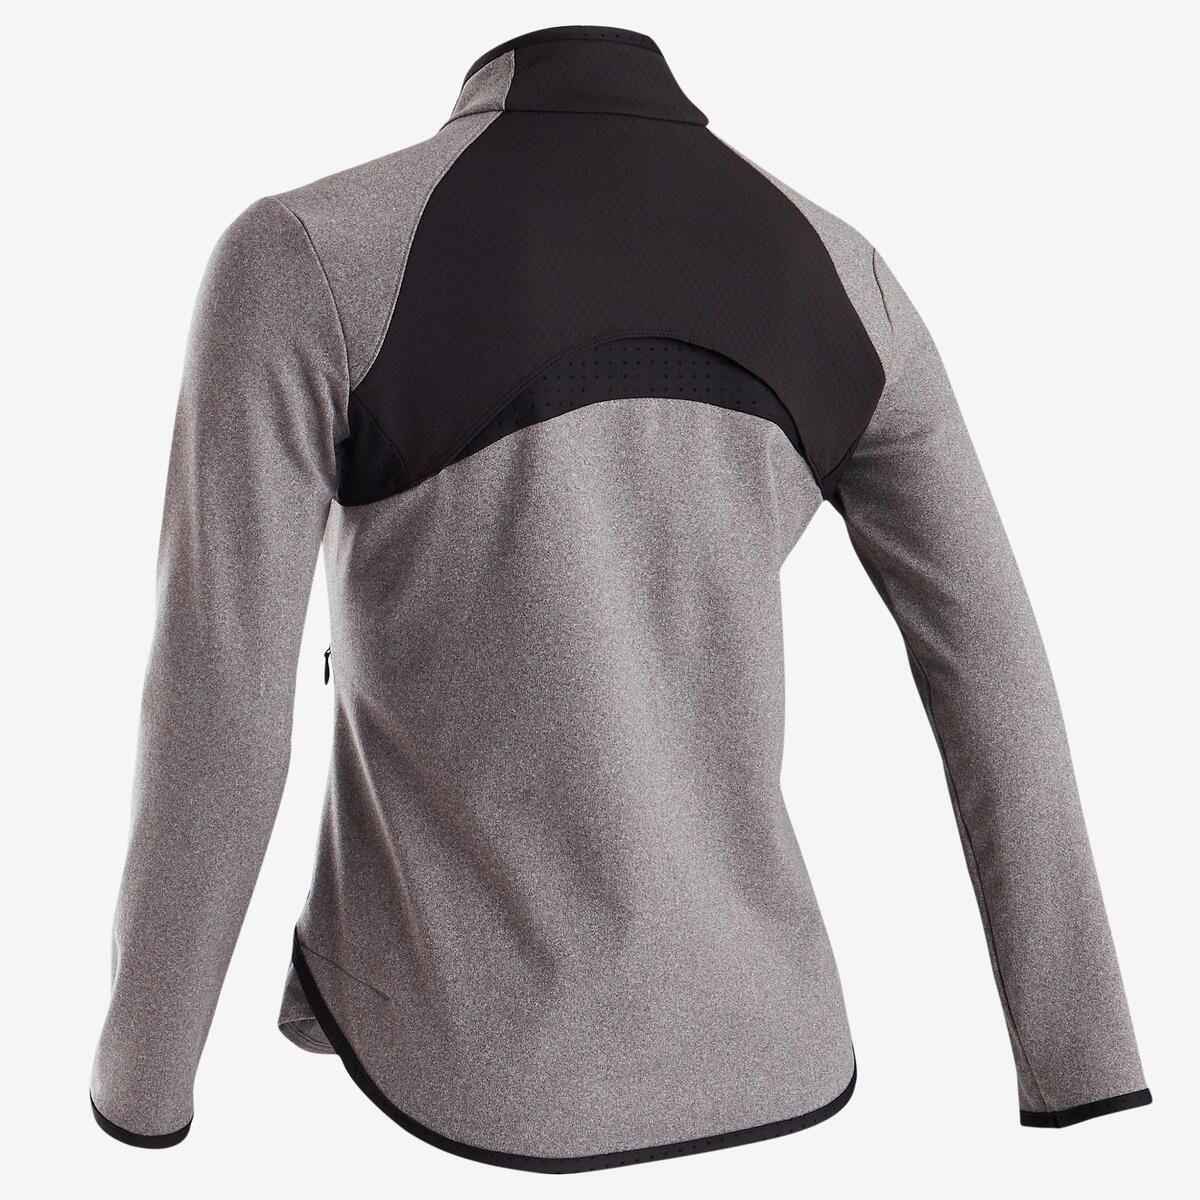 Bild 3 von Trainingsjacke warm atmungsaktiv S900 Gym Kinder grau/schwarze Einsätze